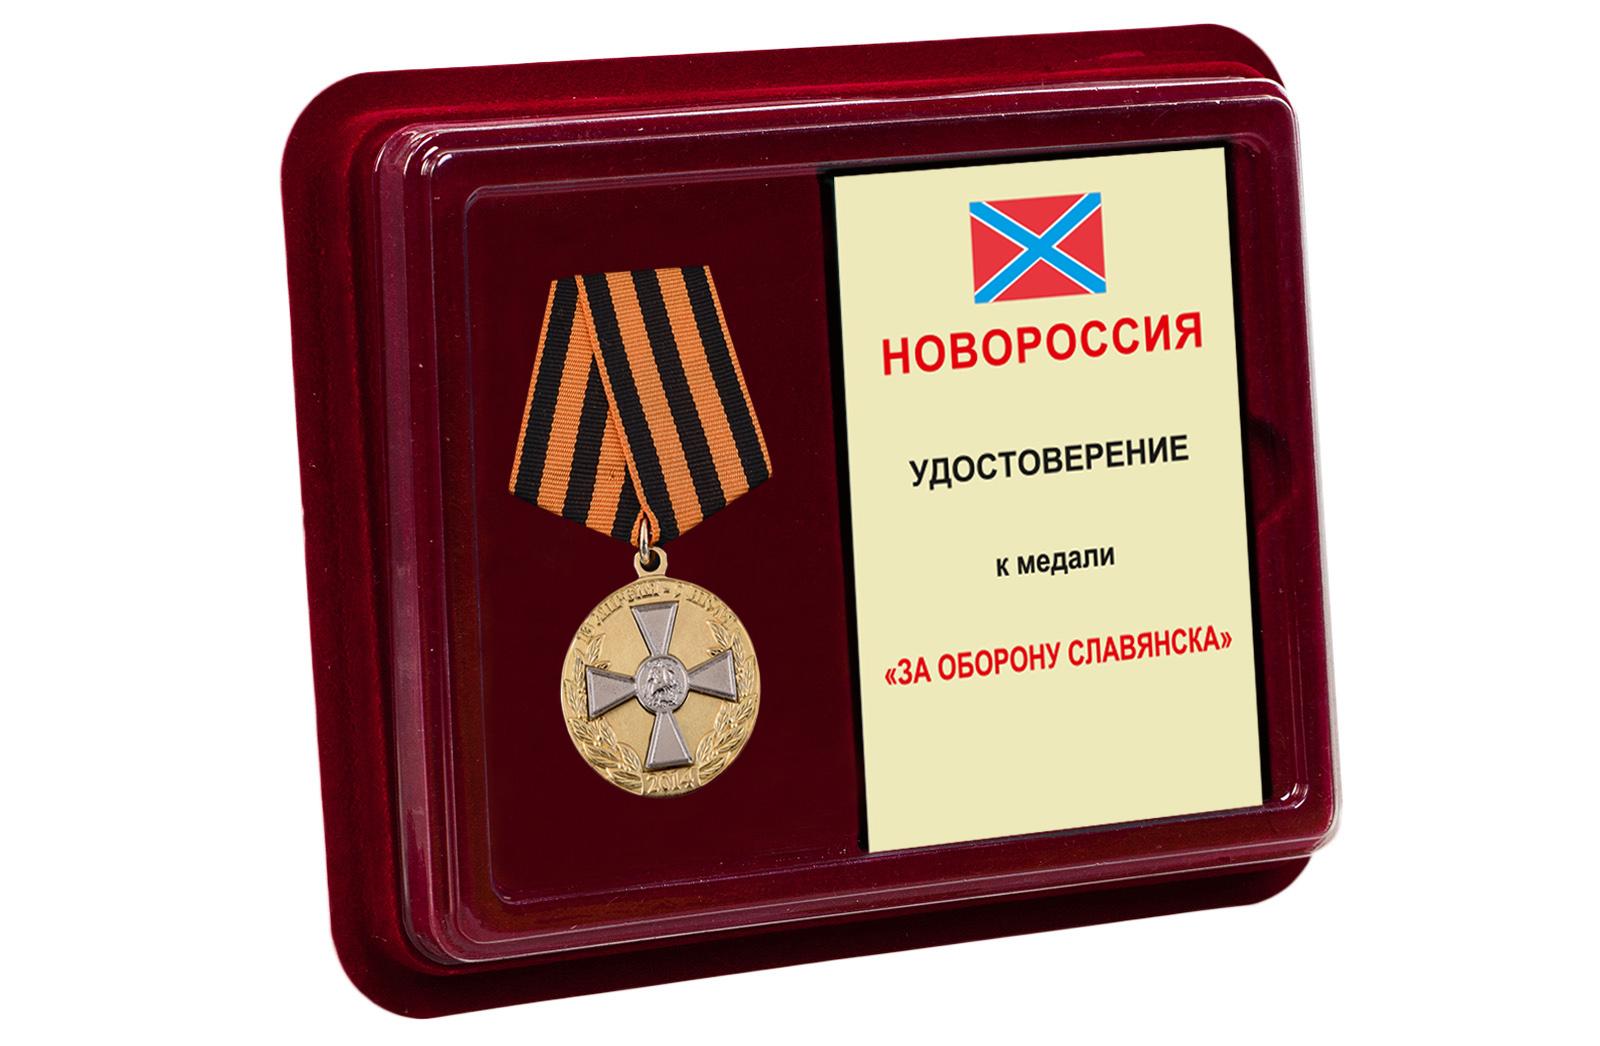 Купить медаль За оборону Славянска оптом или в розницу